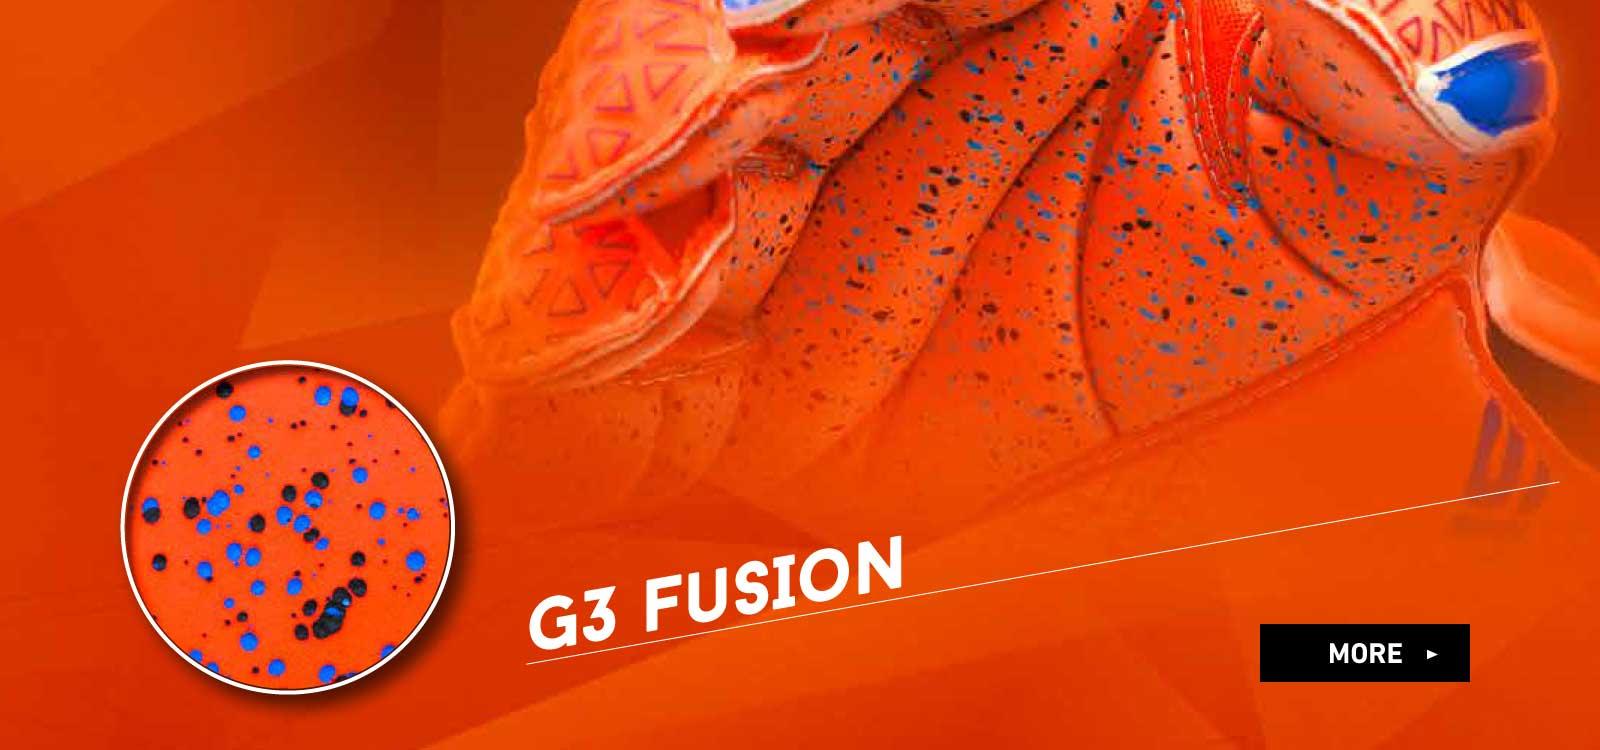 G3 FUSION